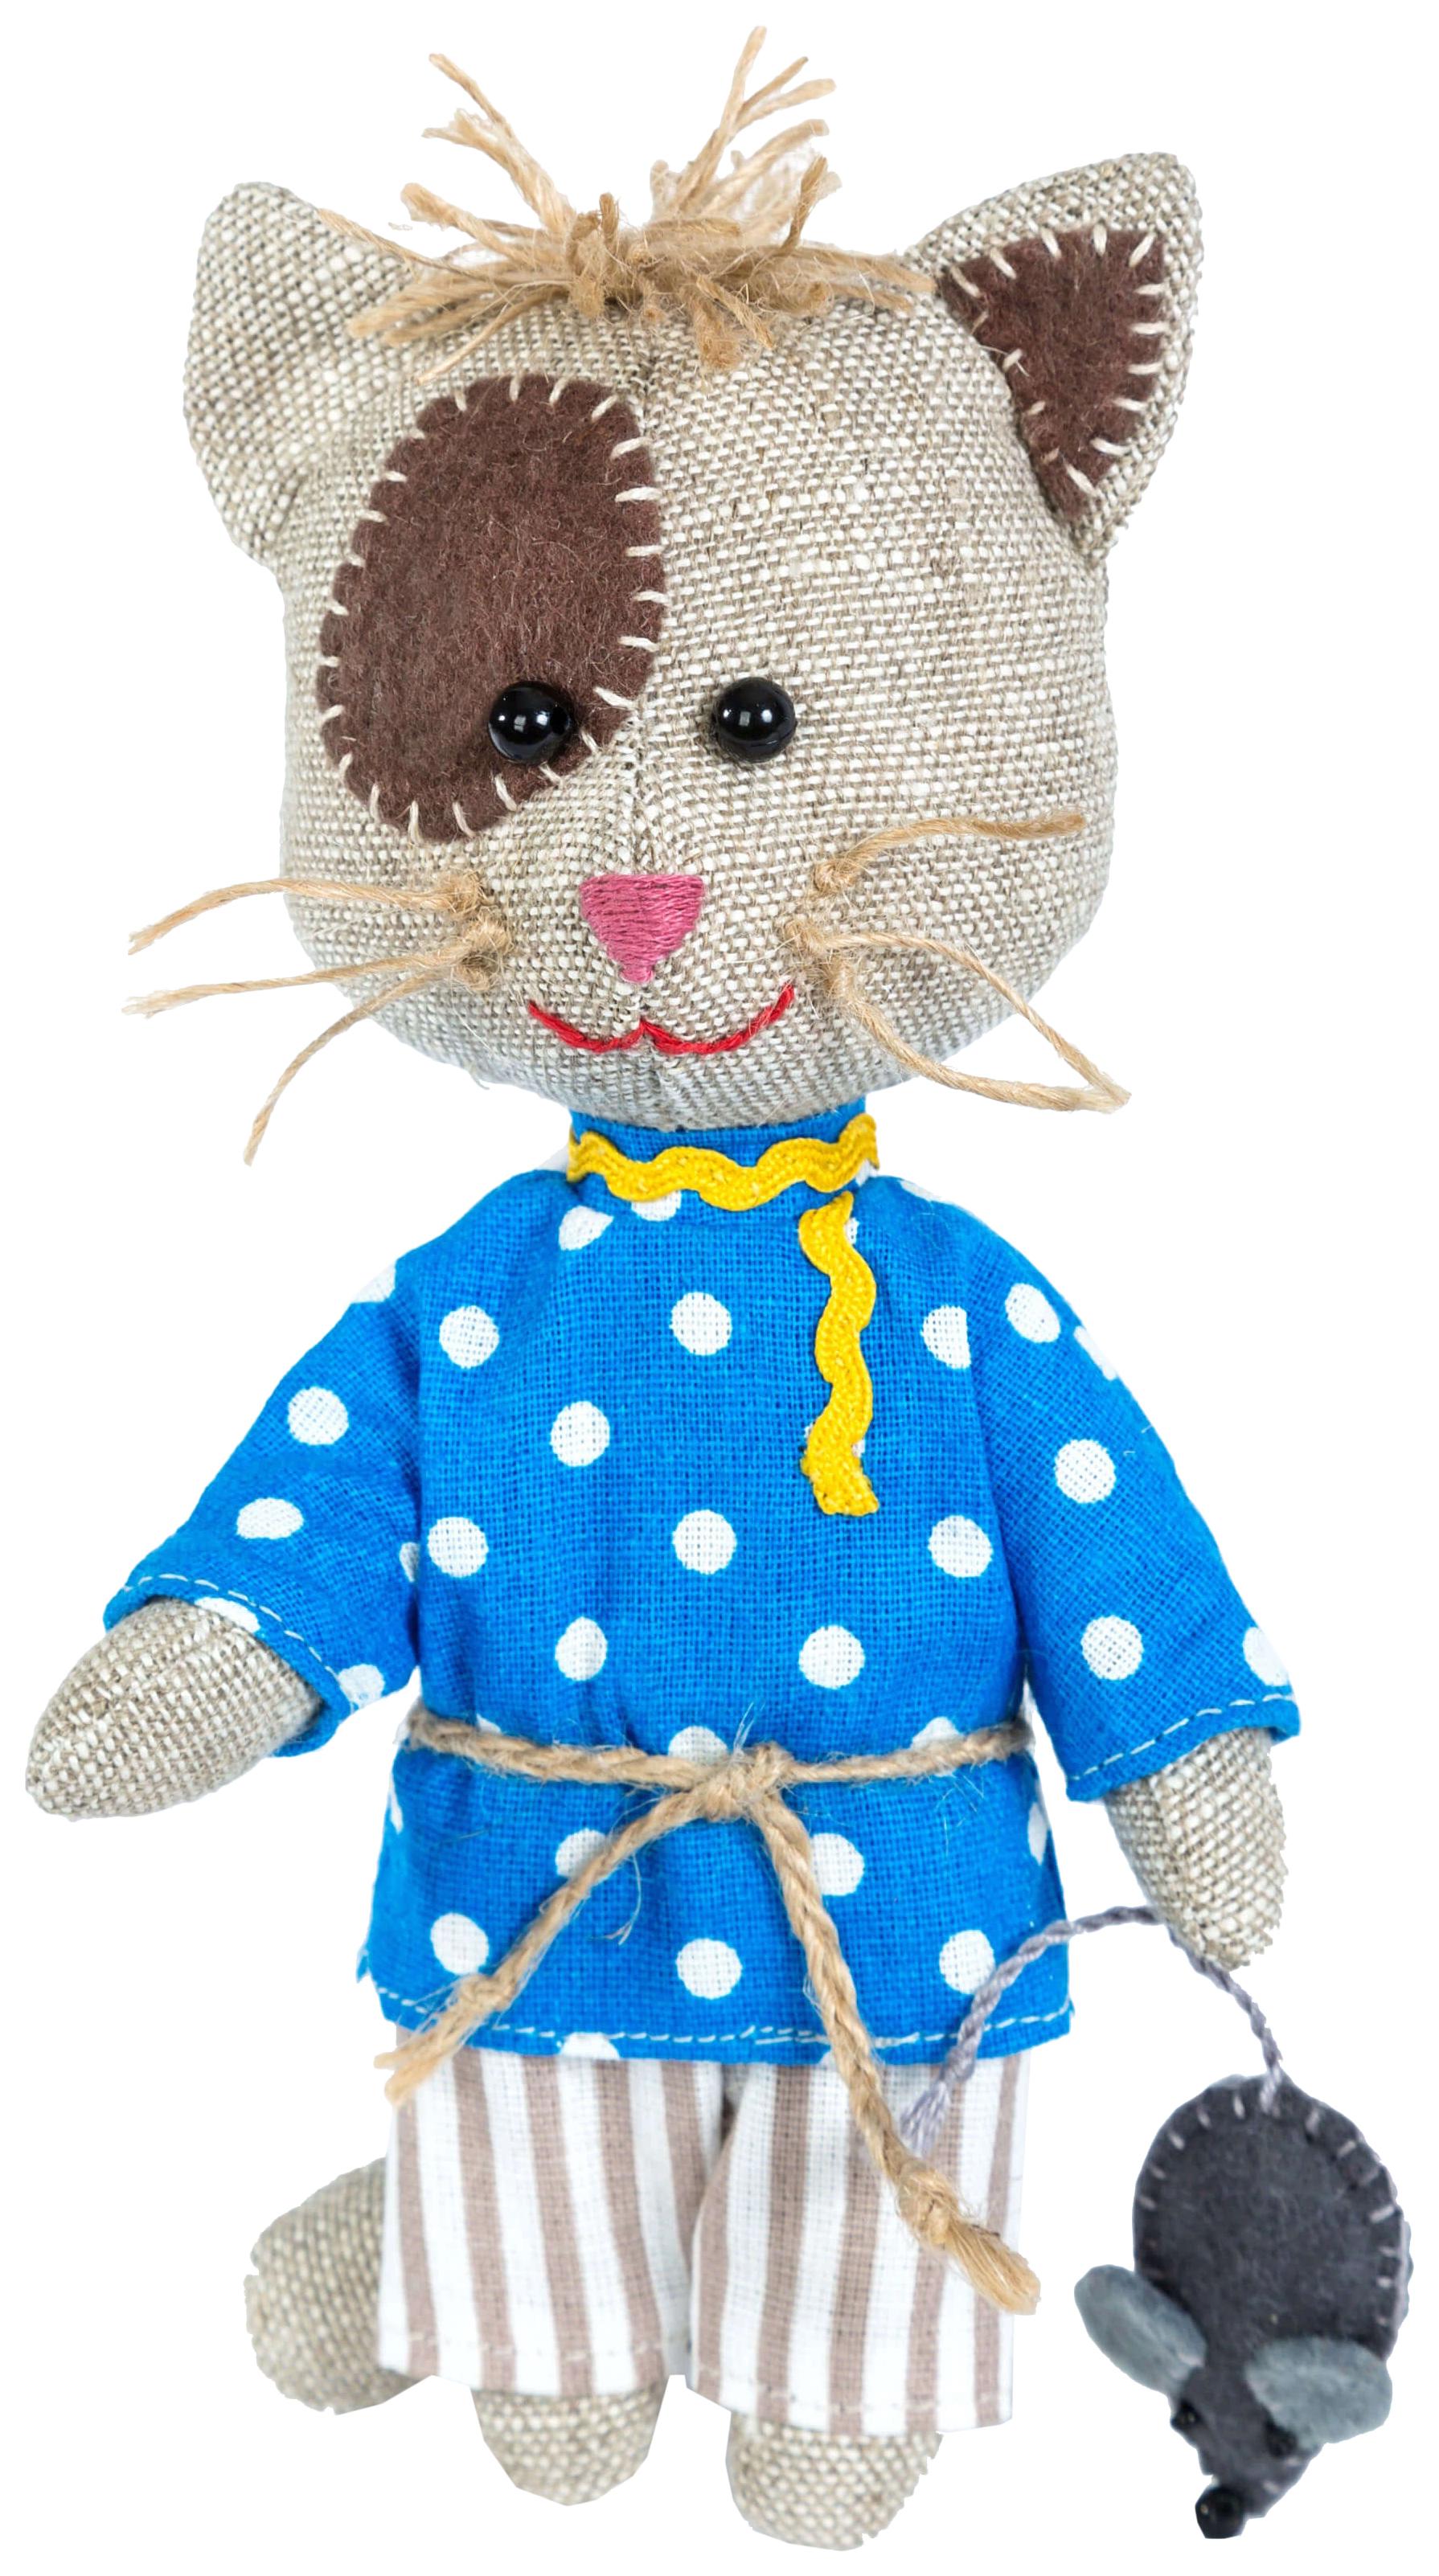 Купить ПЕРЛОВКА Набор для создания текстильной игрушки Домовитый кот Василий, 15, 5 см, 904699, Перловка, Рукоделие